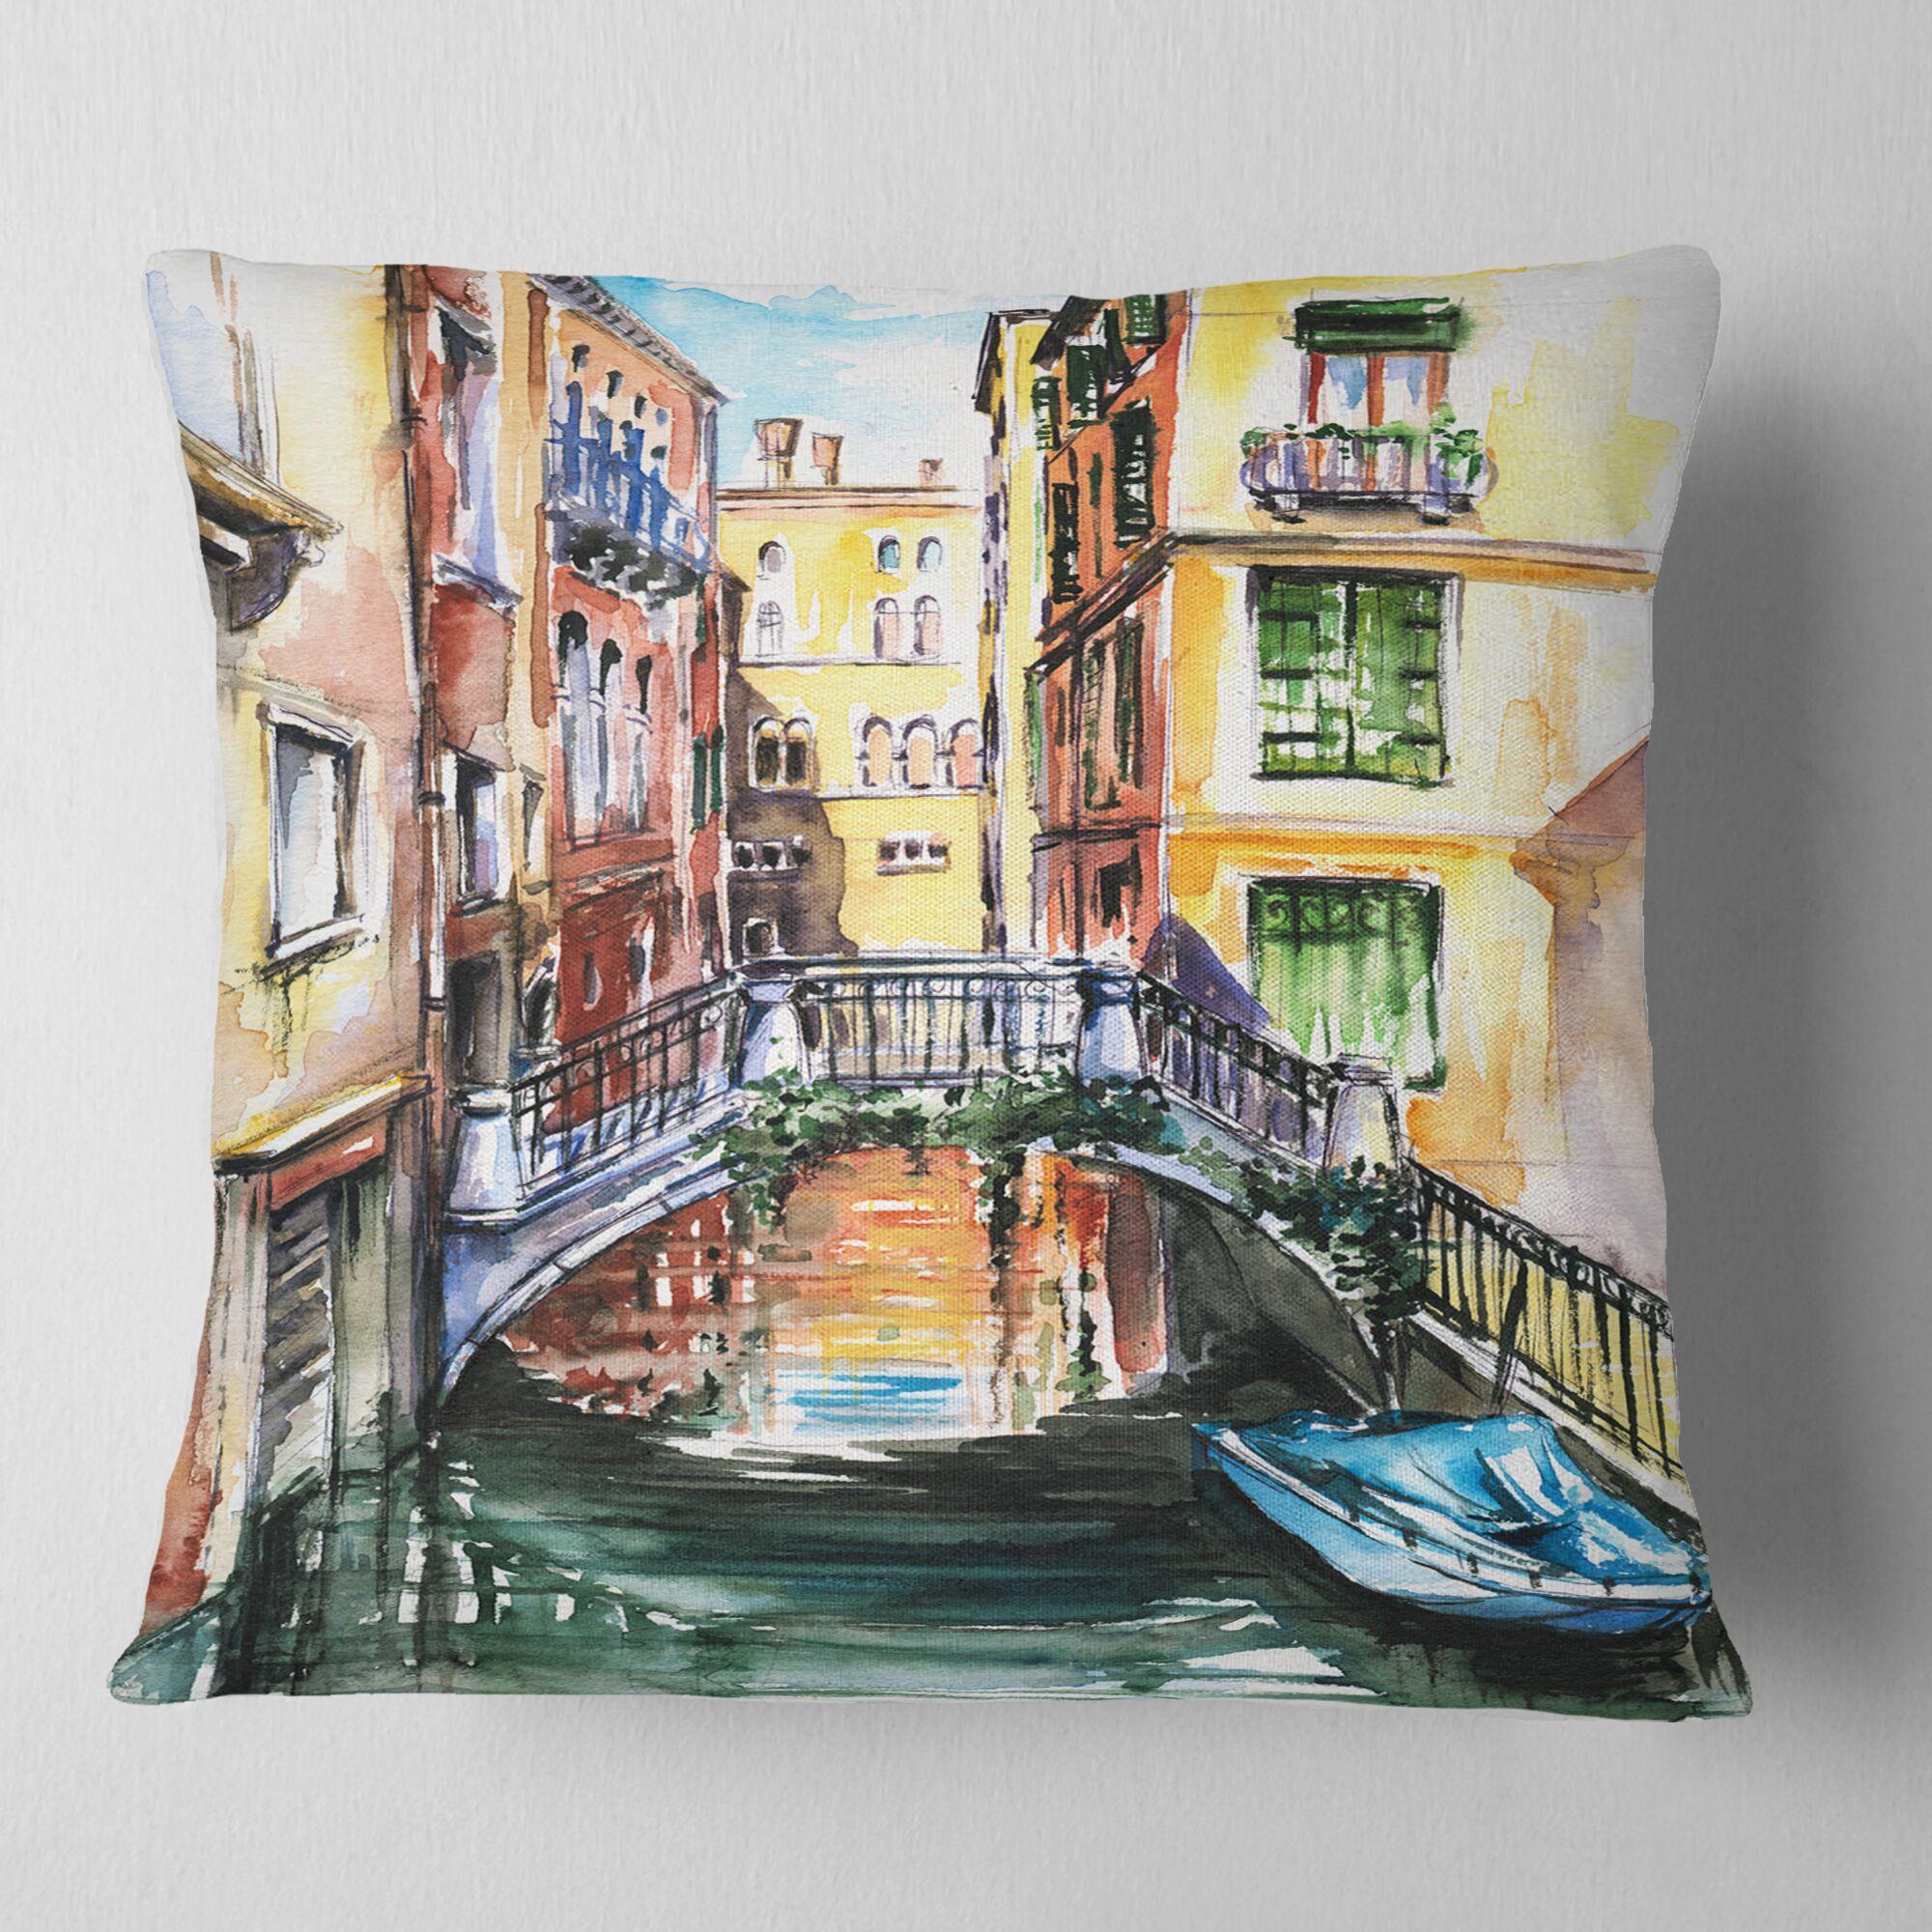 Cityscape Venice Canal Meeting Bridge Pillow Size: 18